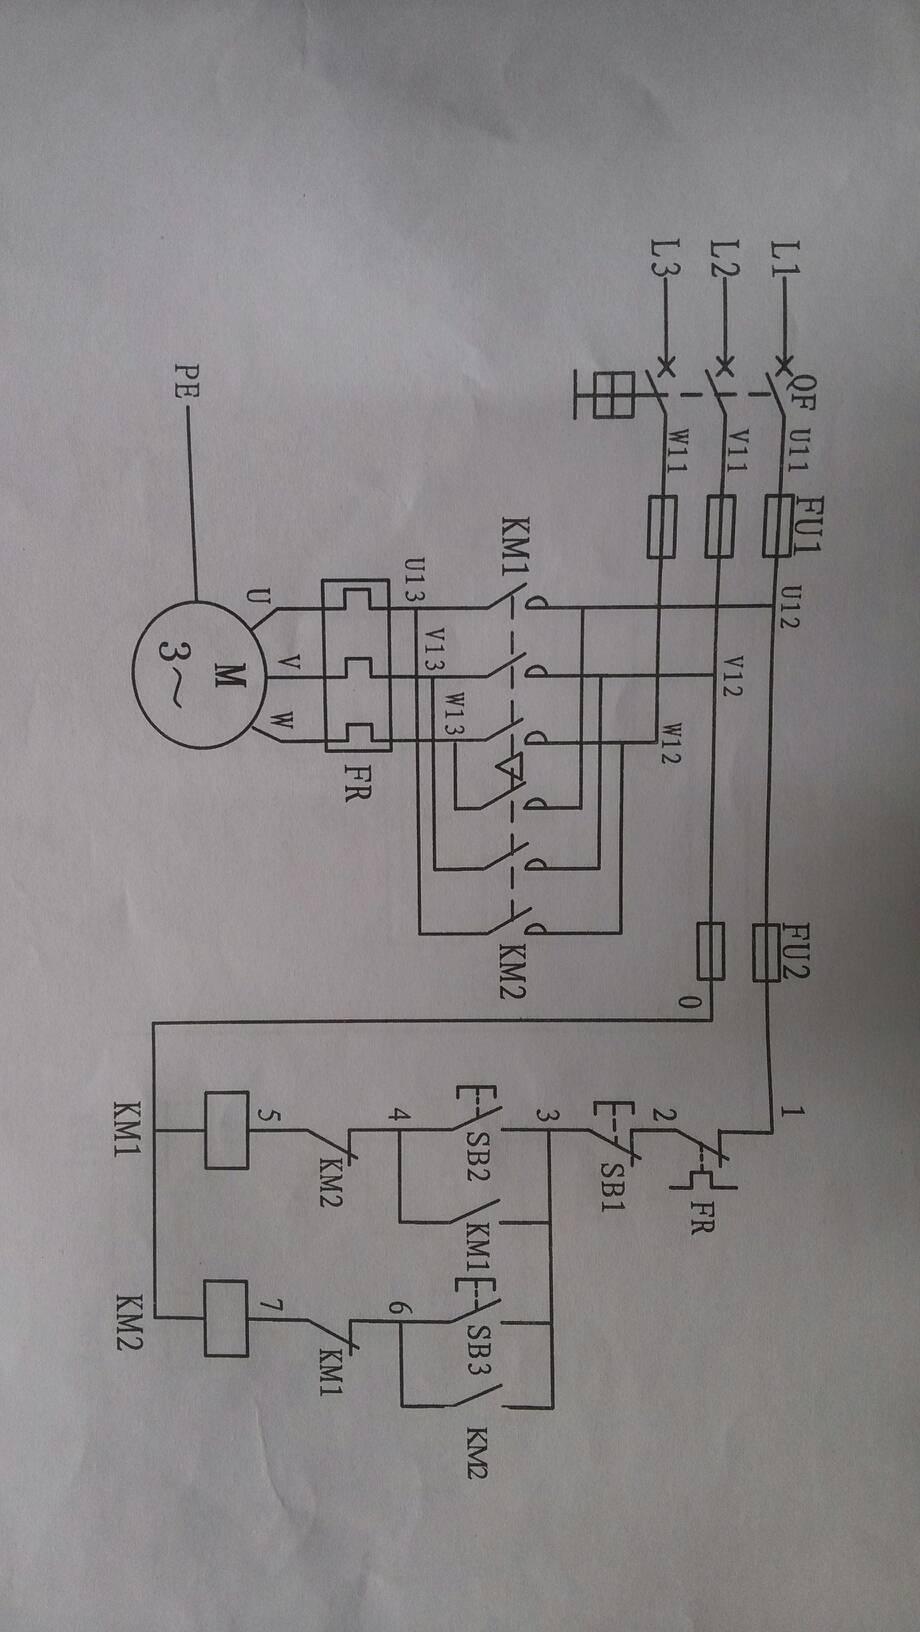 将行程开关的常闭触点串联在控制回路中即可